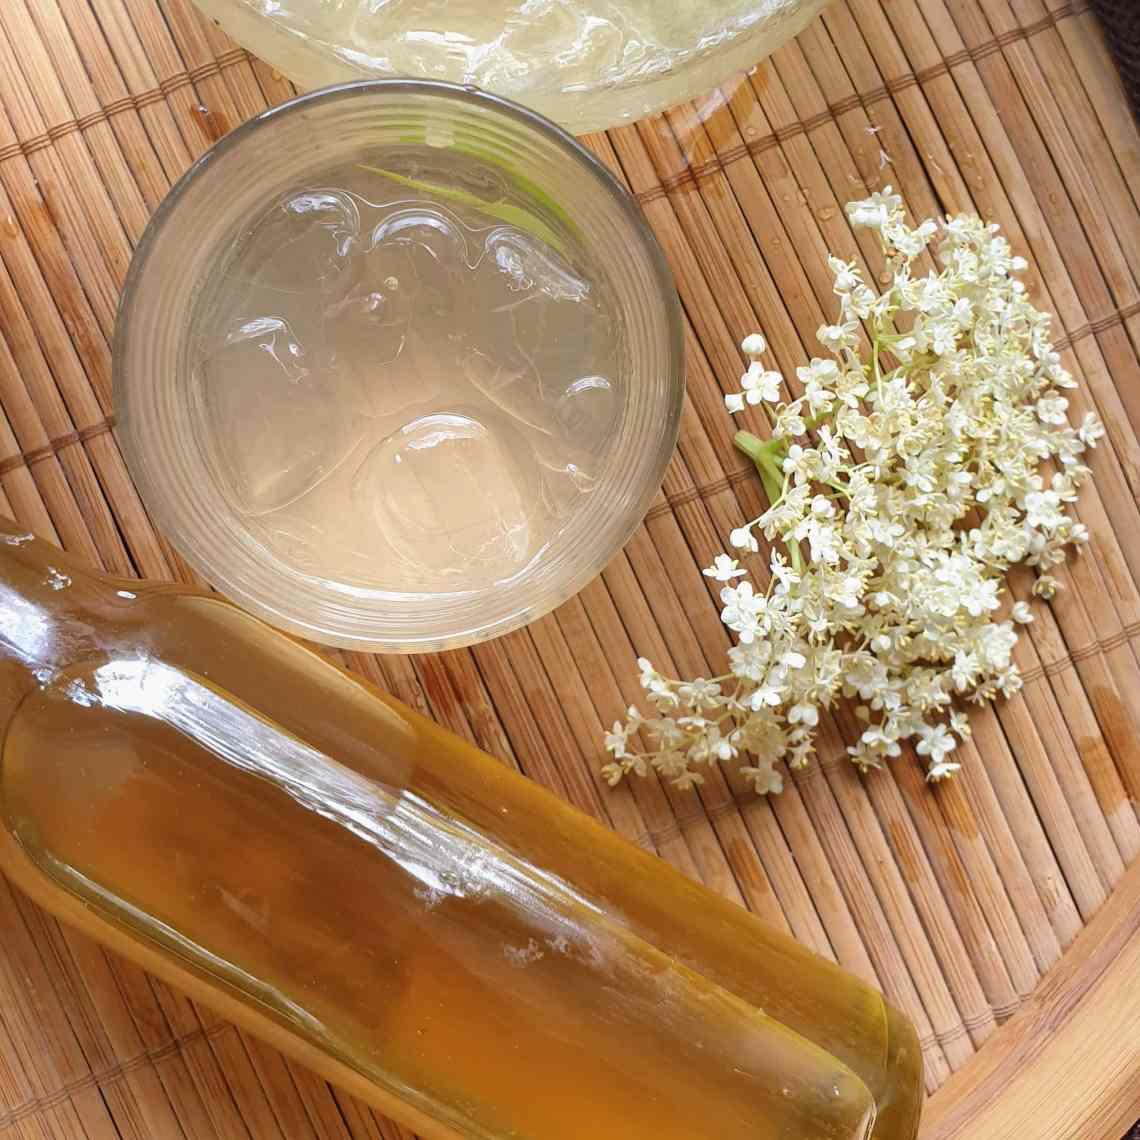 Lav din egen hyldeblomstsaft – med eller uden sukker. Brug den som saftevand, i drinks, lav hyldeblomstsirup eller sorbet, du finder opskrifter og inspiration på danishthings.com